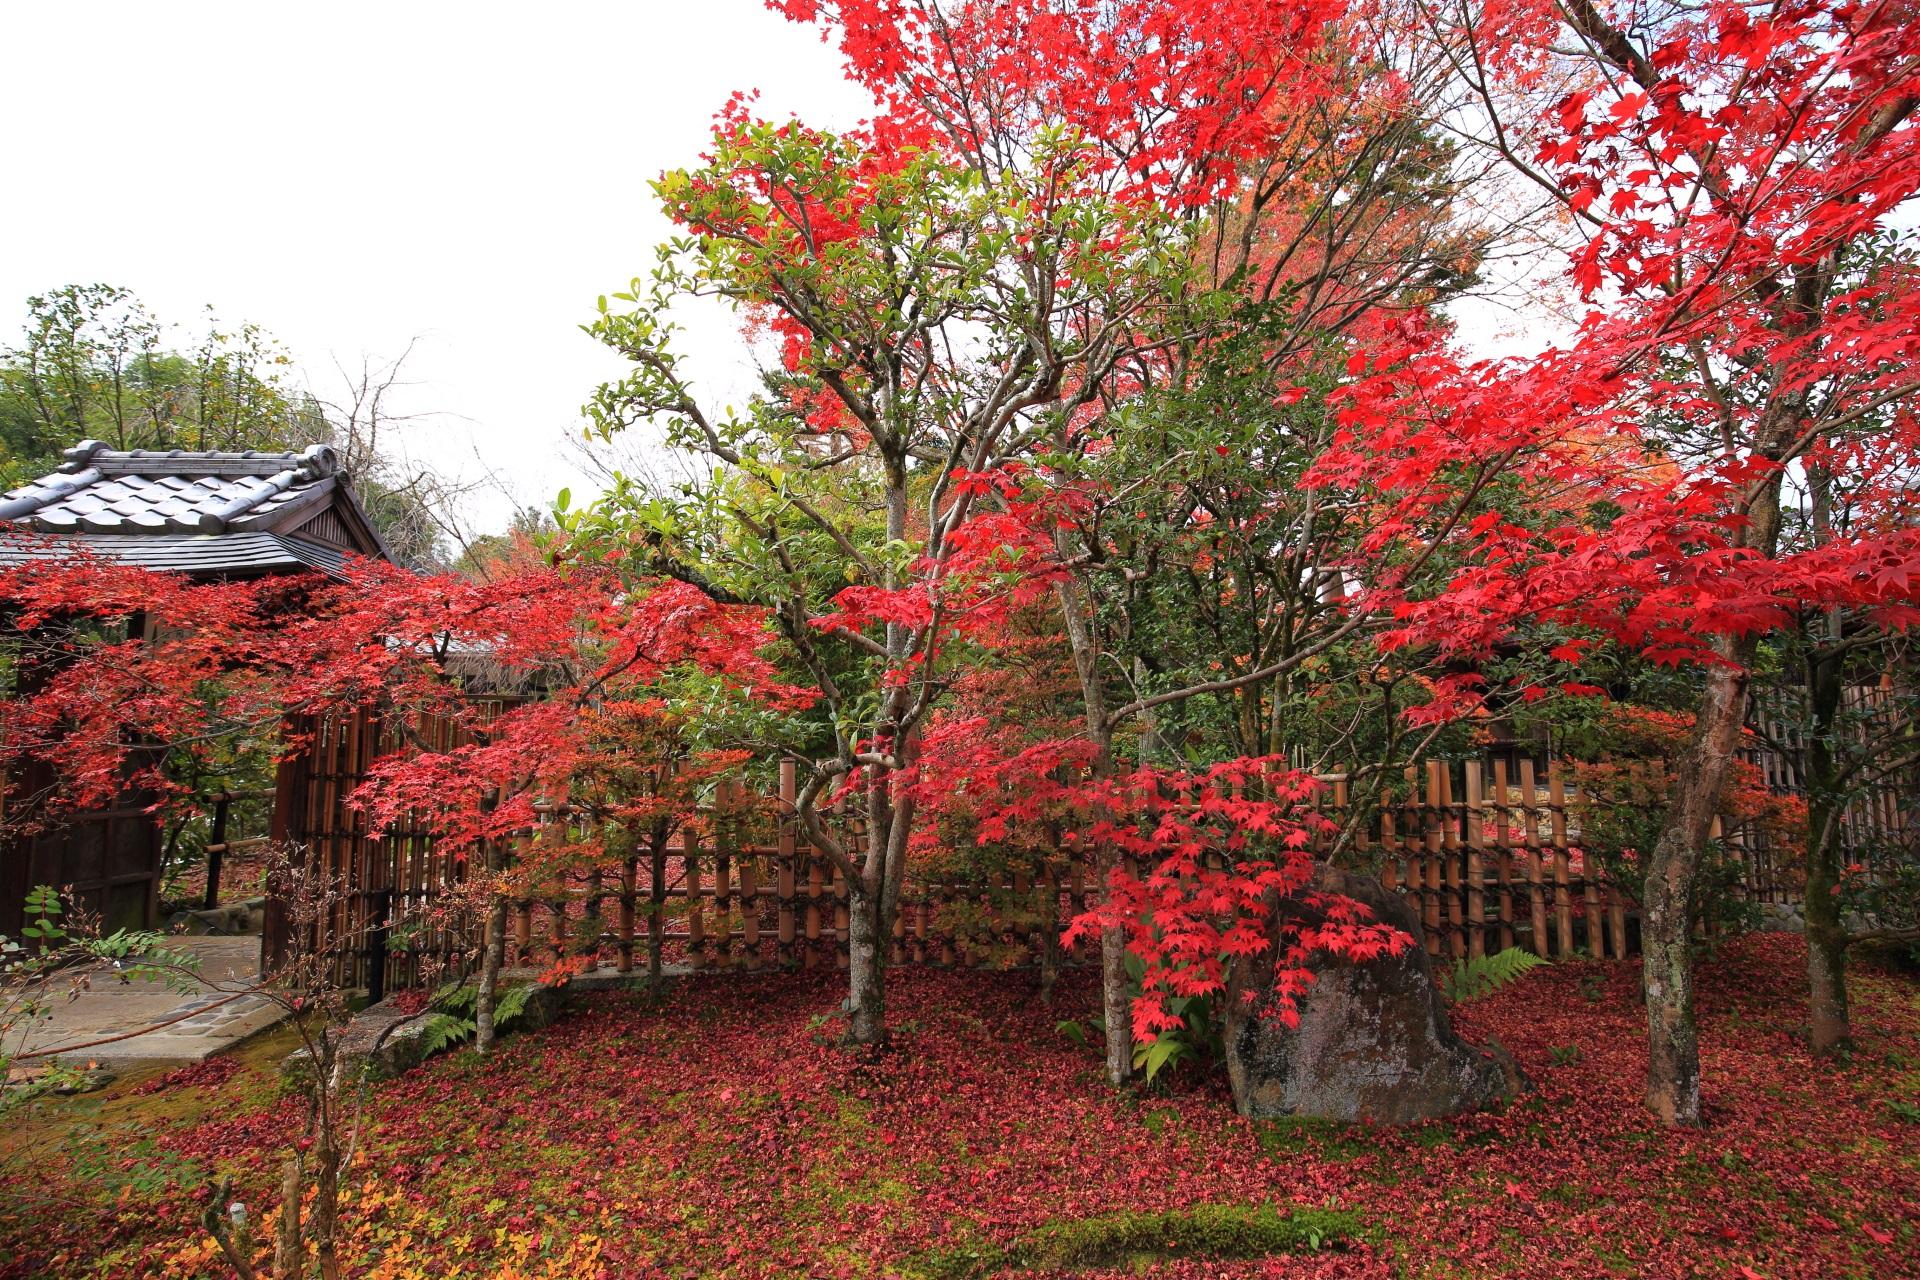 大法院の苔や岩に散る見事な紅葉